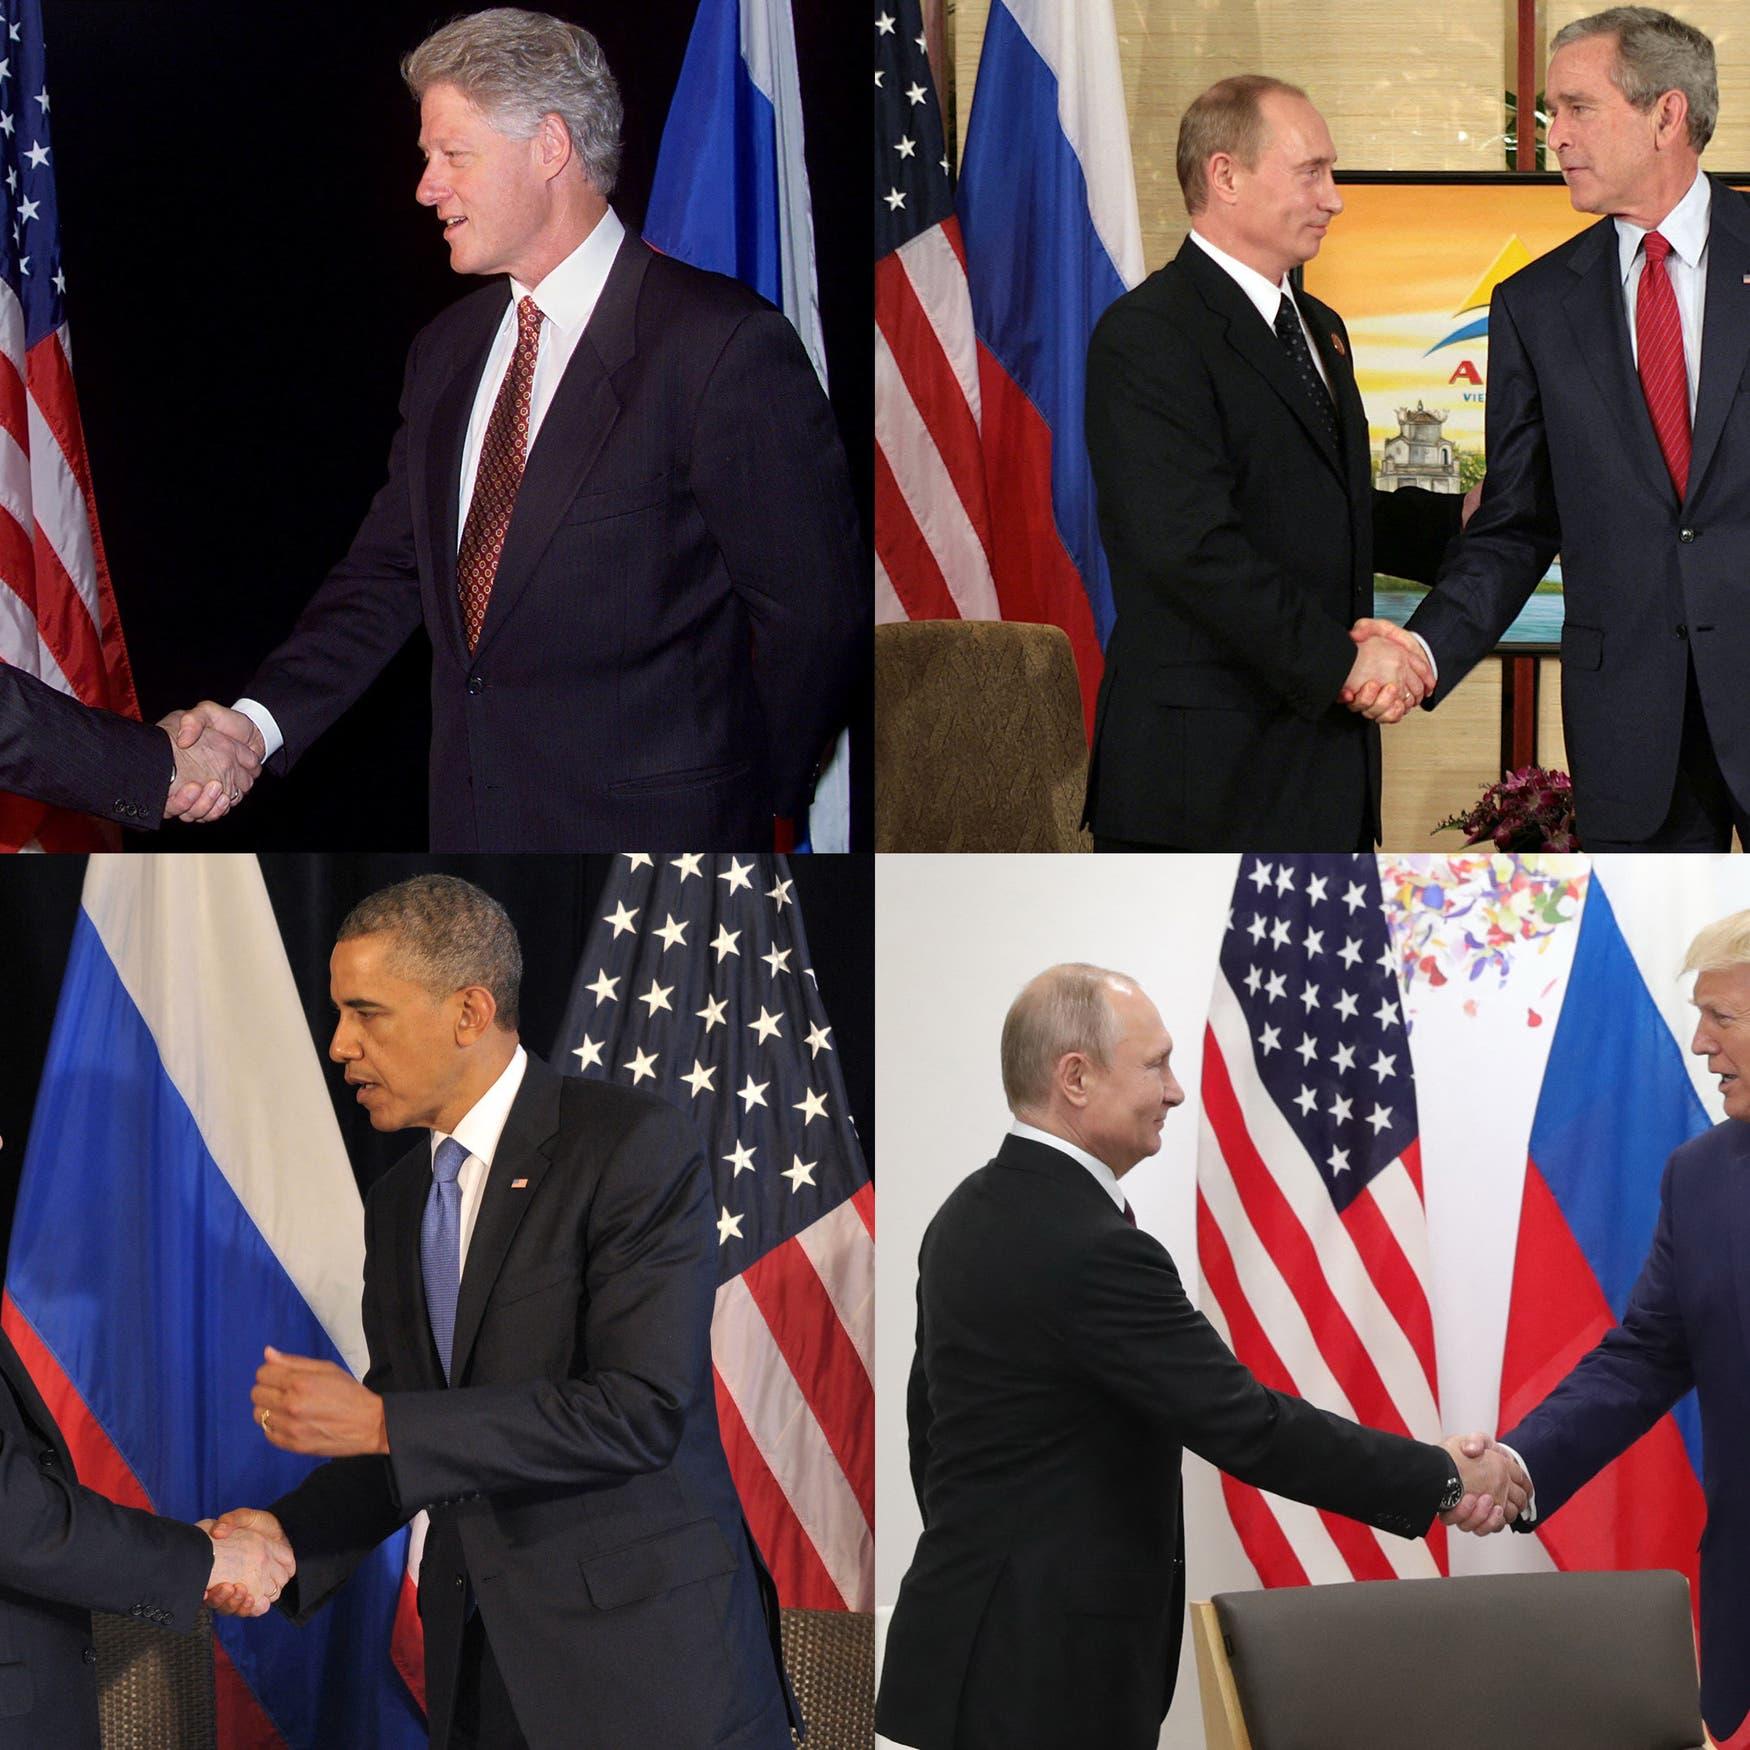 بالتفاصيل.. عقدان من التوتر بين الكرملين ورؤساء أميركا